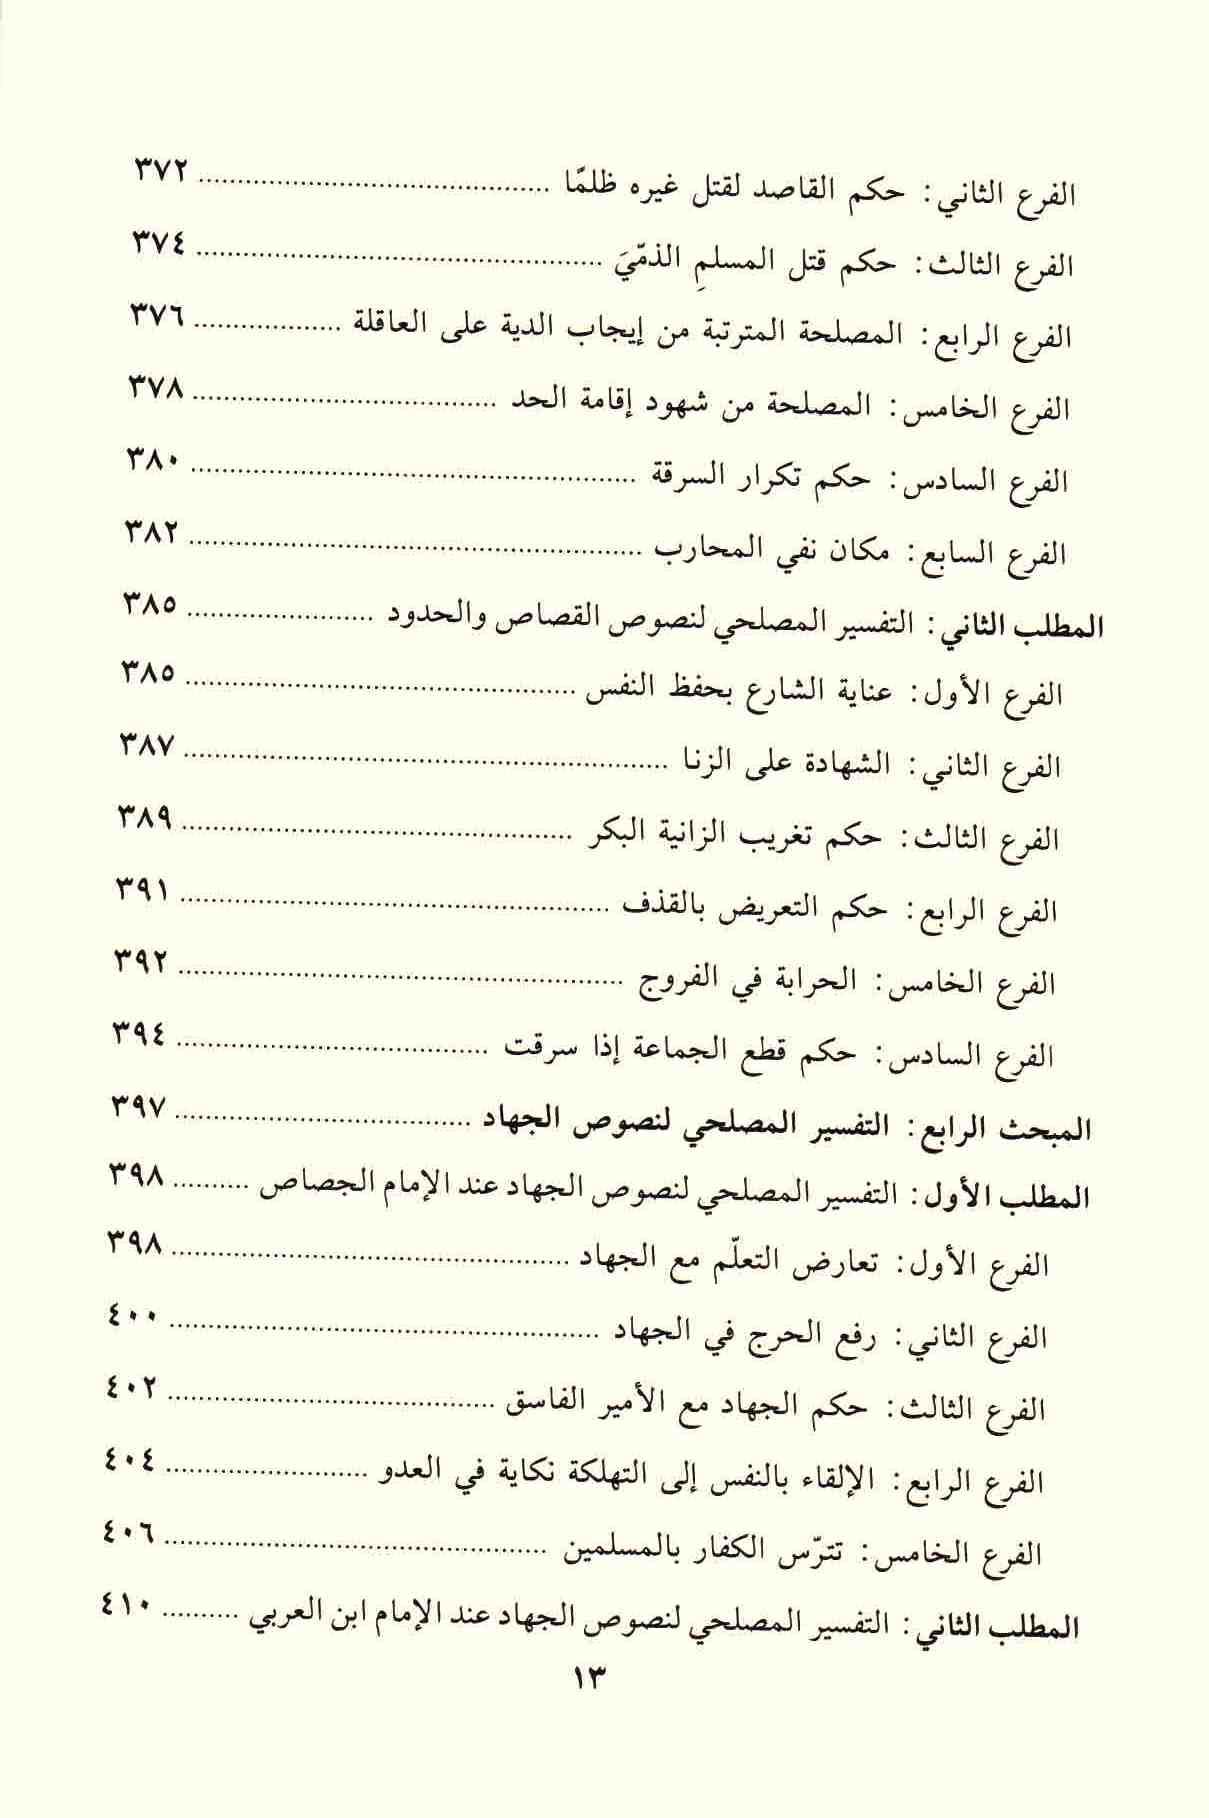 ص13محتويات كتاب التفسير المصلحي